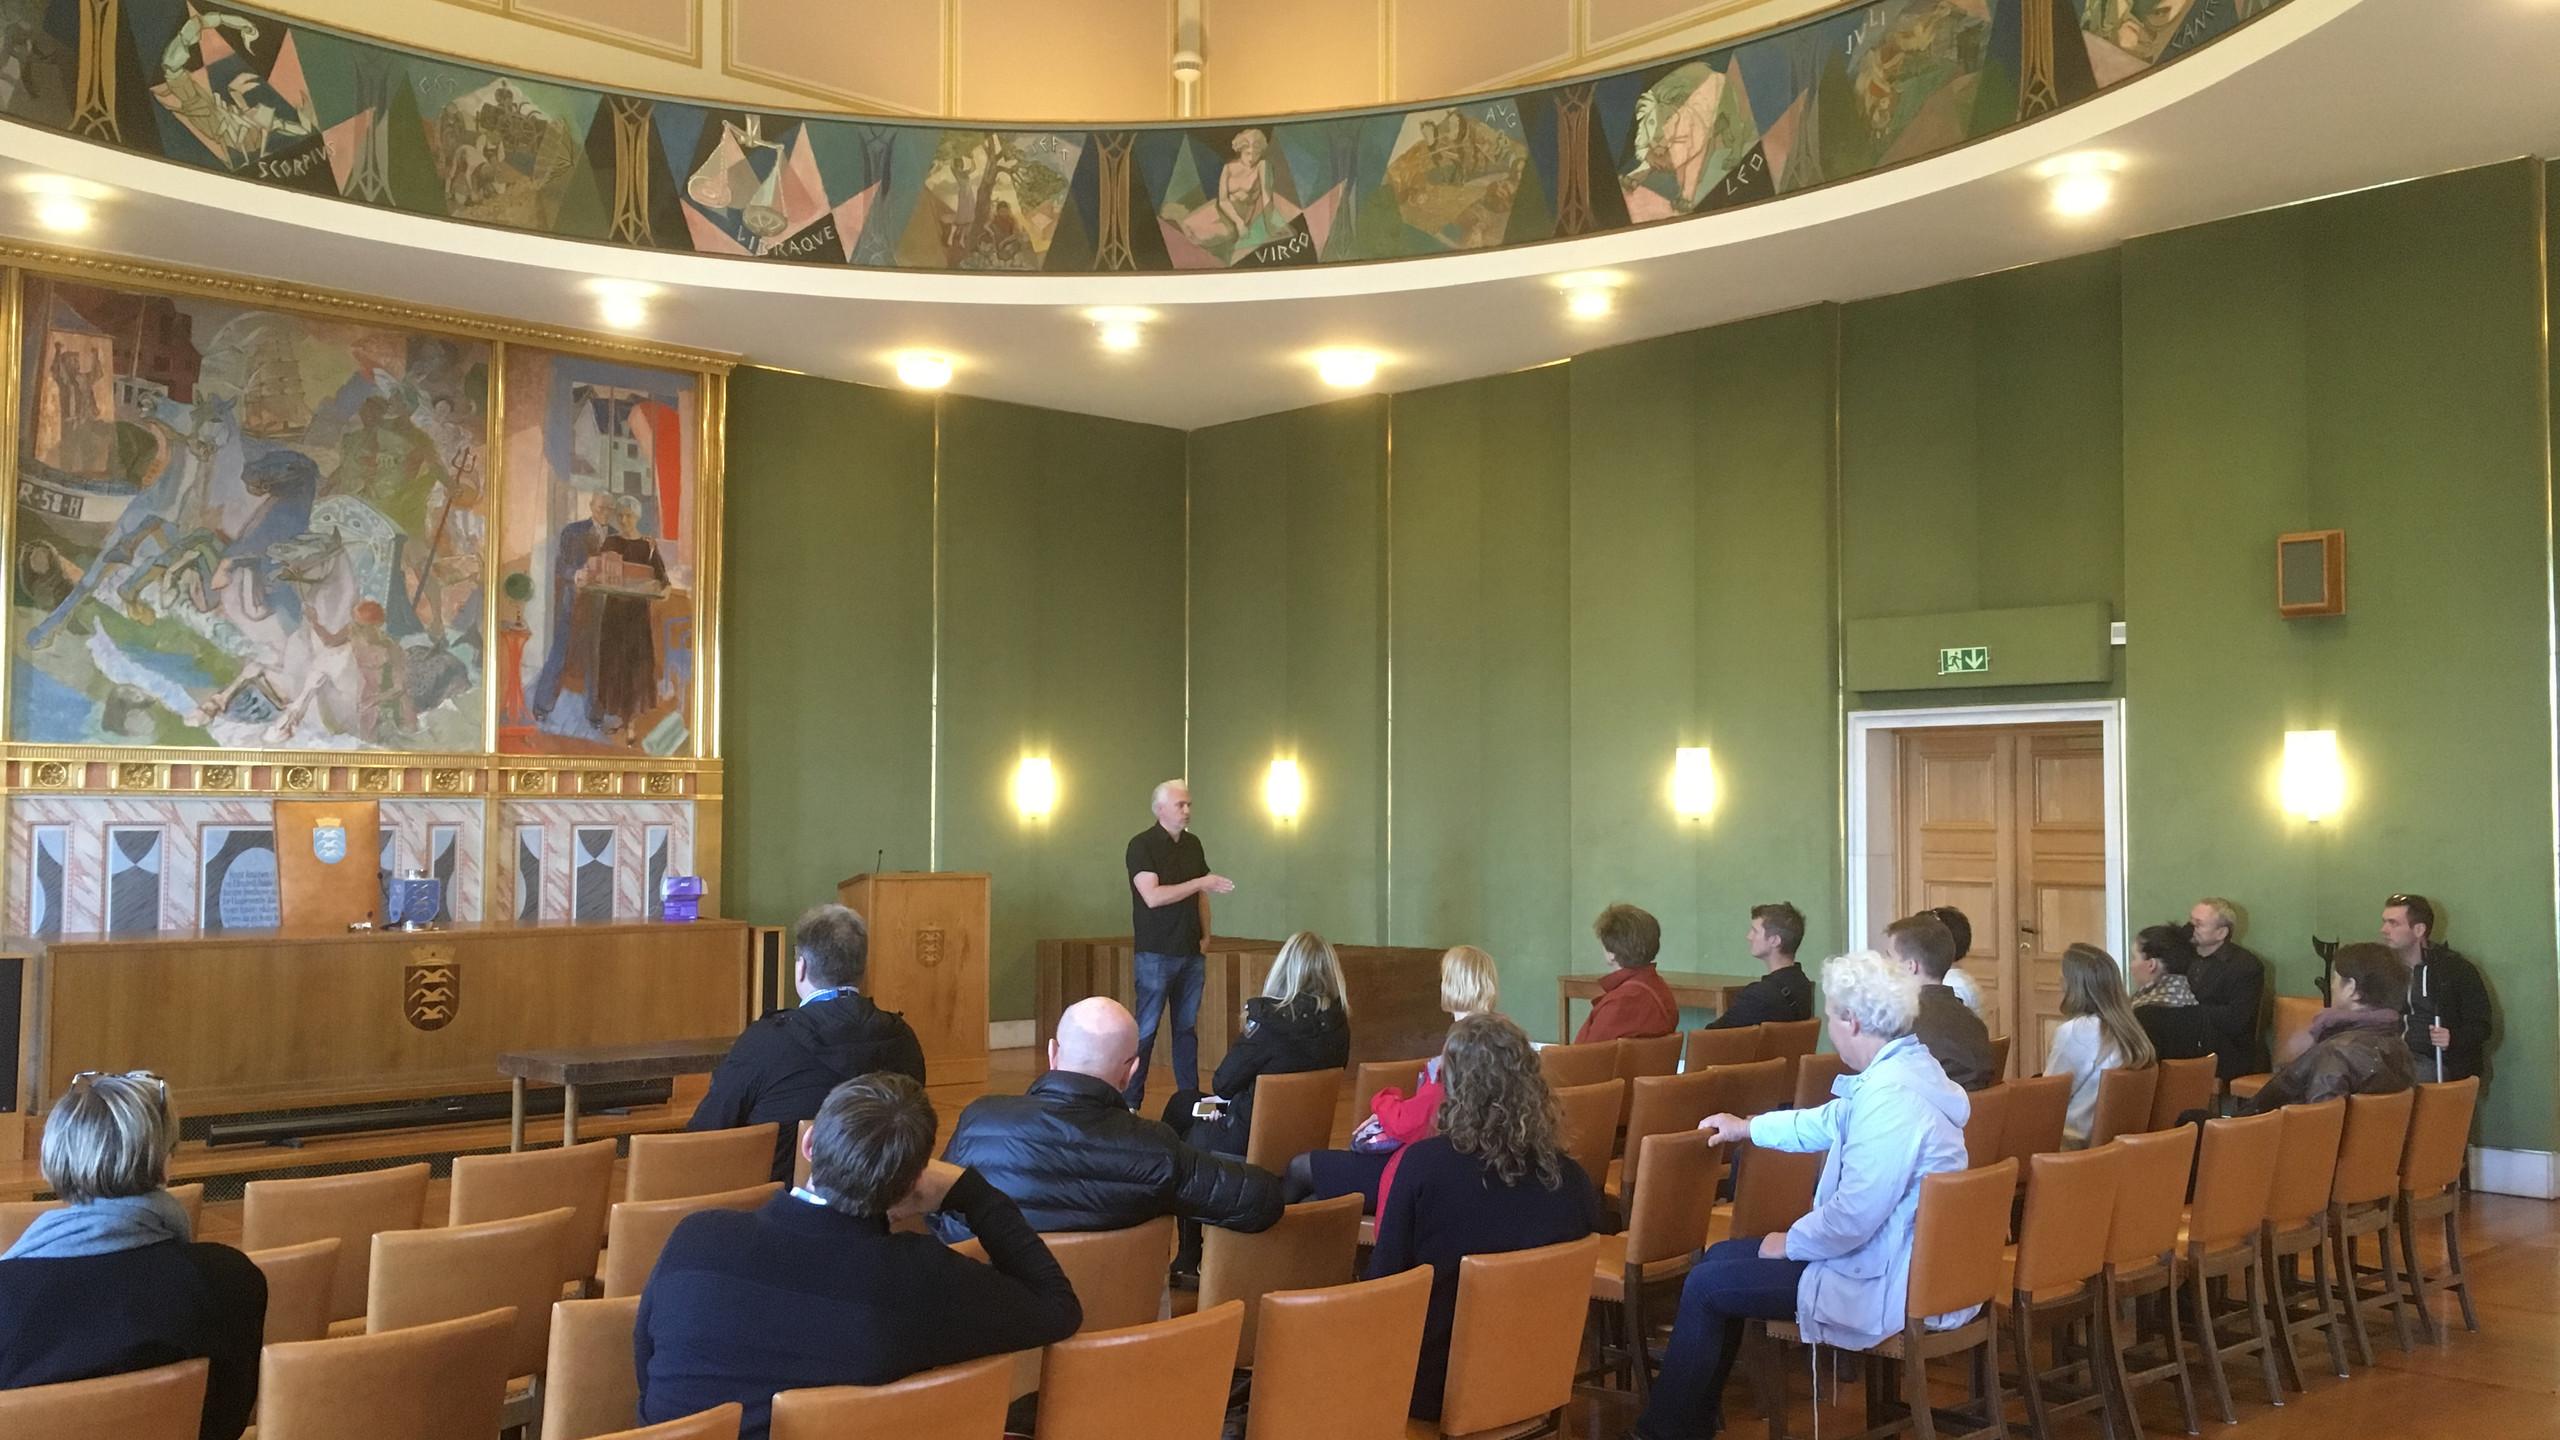 Rådhuset i Haugesund